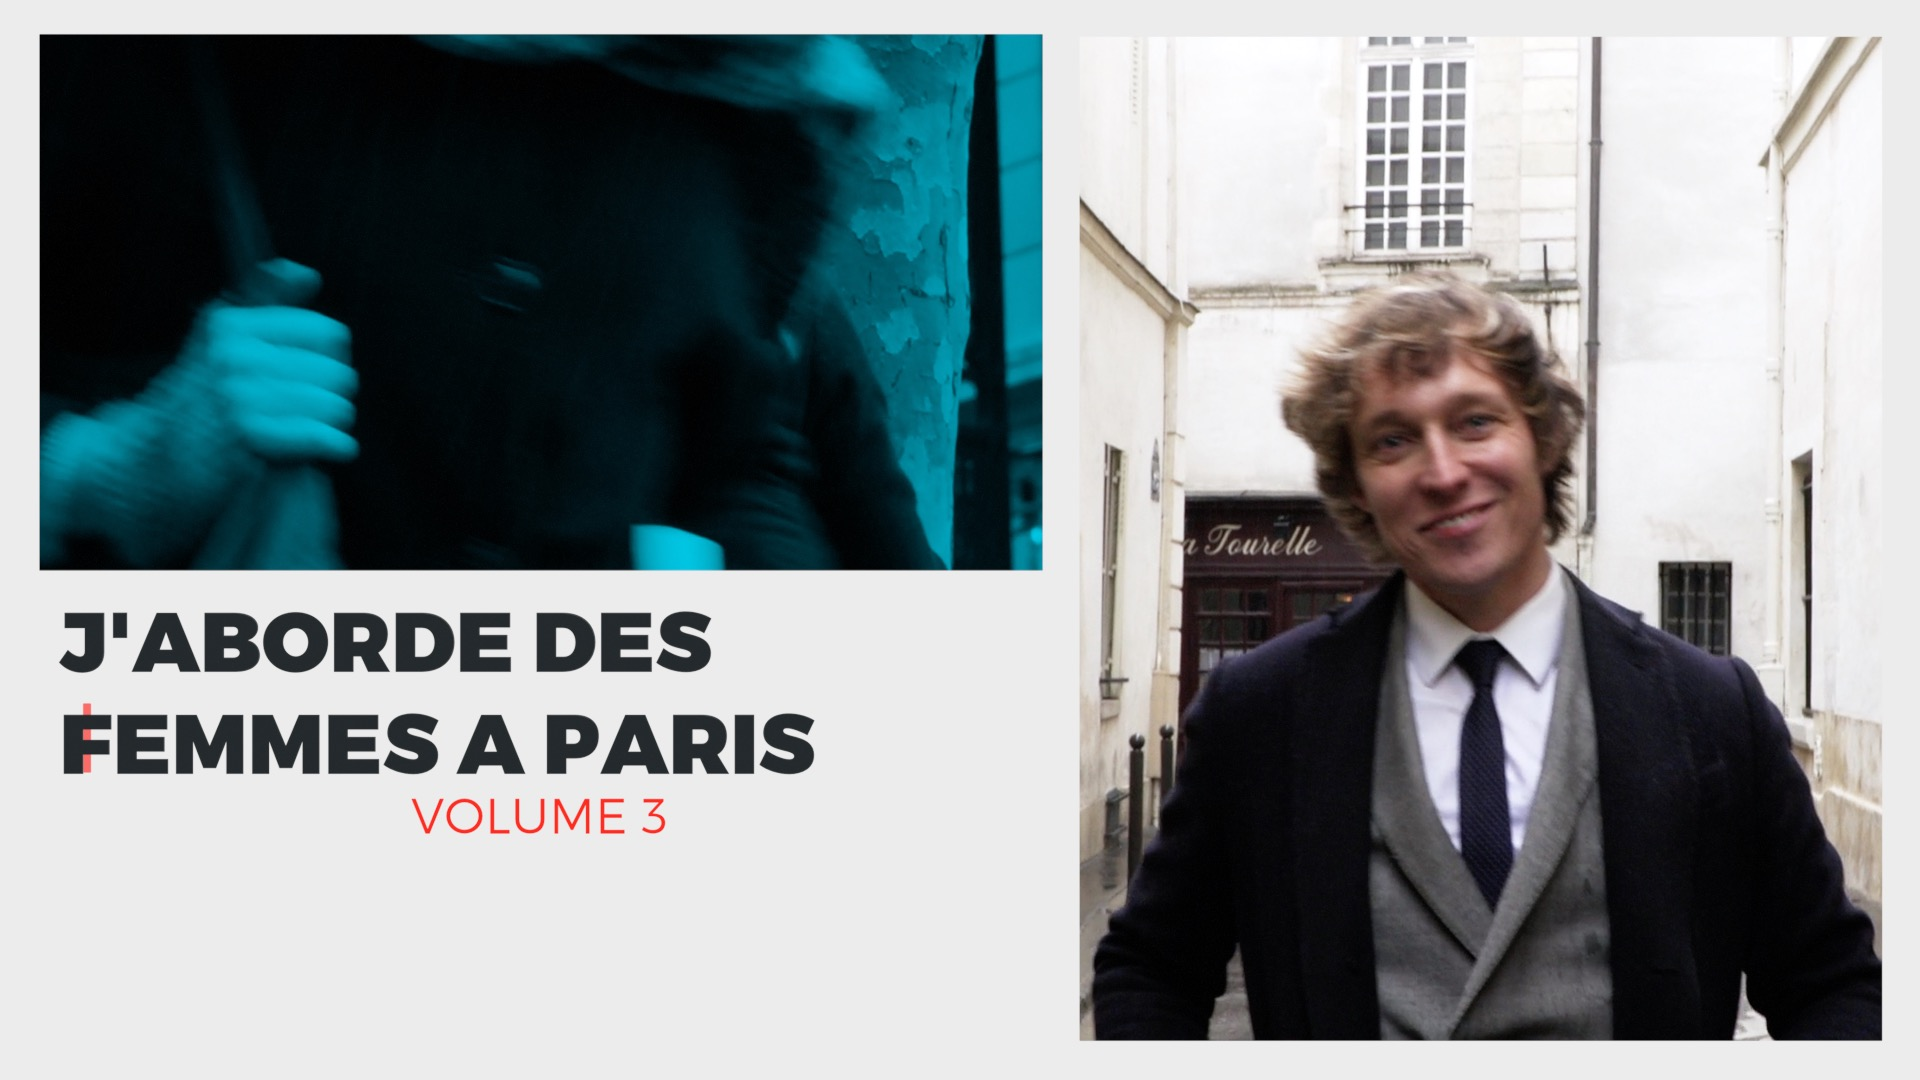 J'aborde une femme à Paris (volume 3)